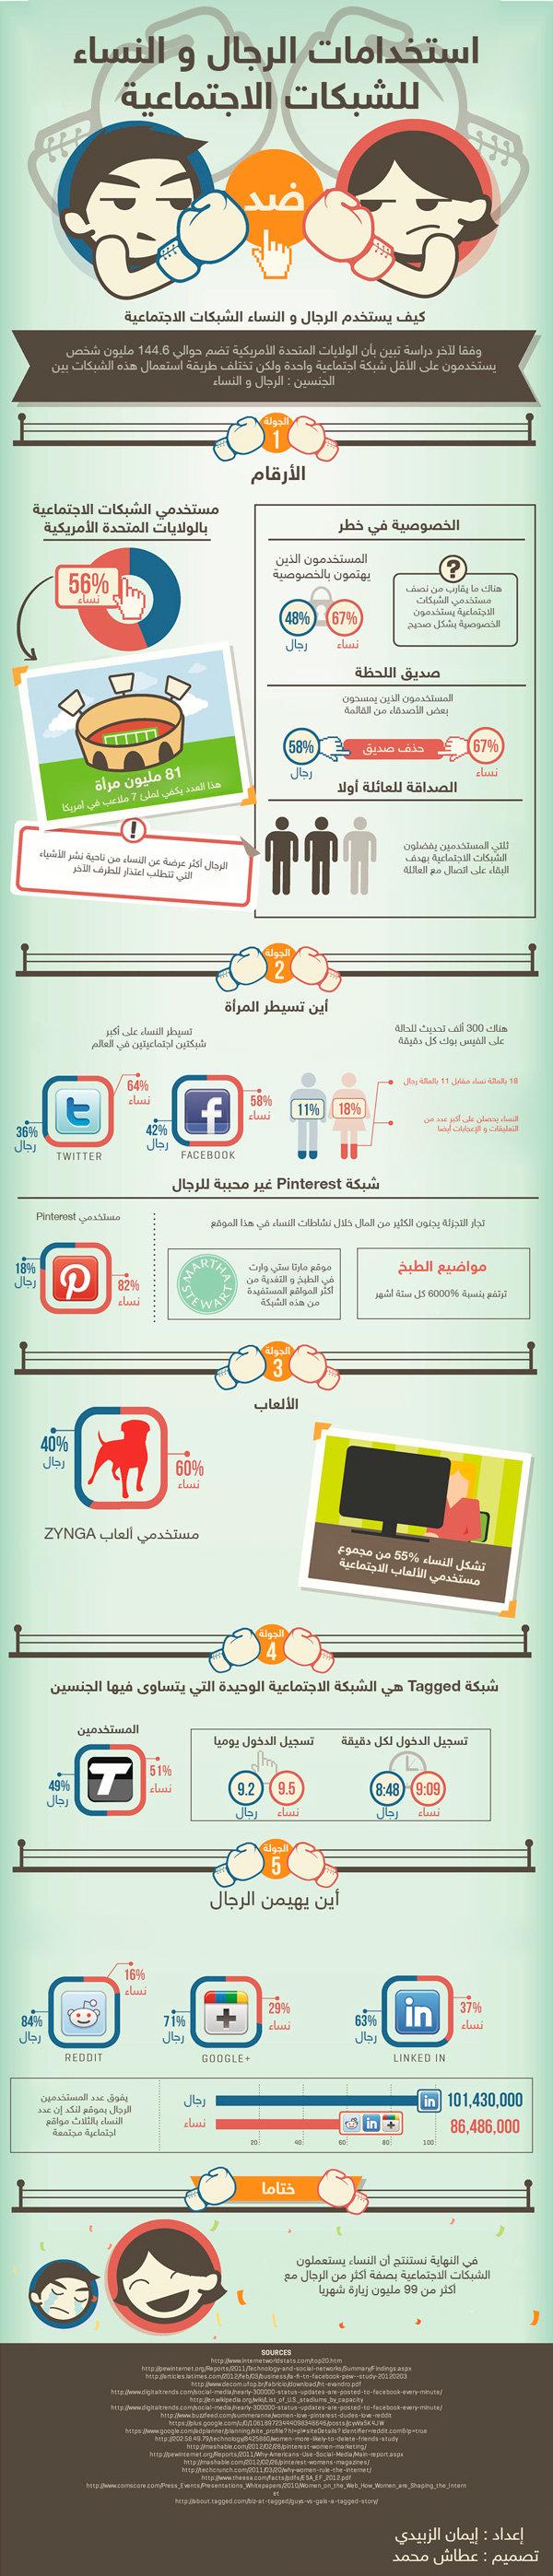 استخدام الرجال والنساء لوسائط التواصل الاجتماعي